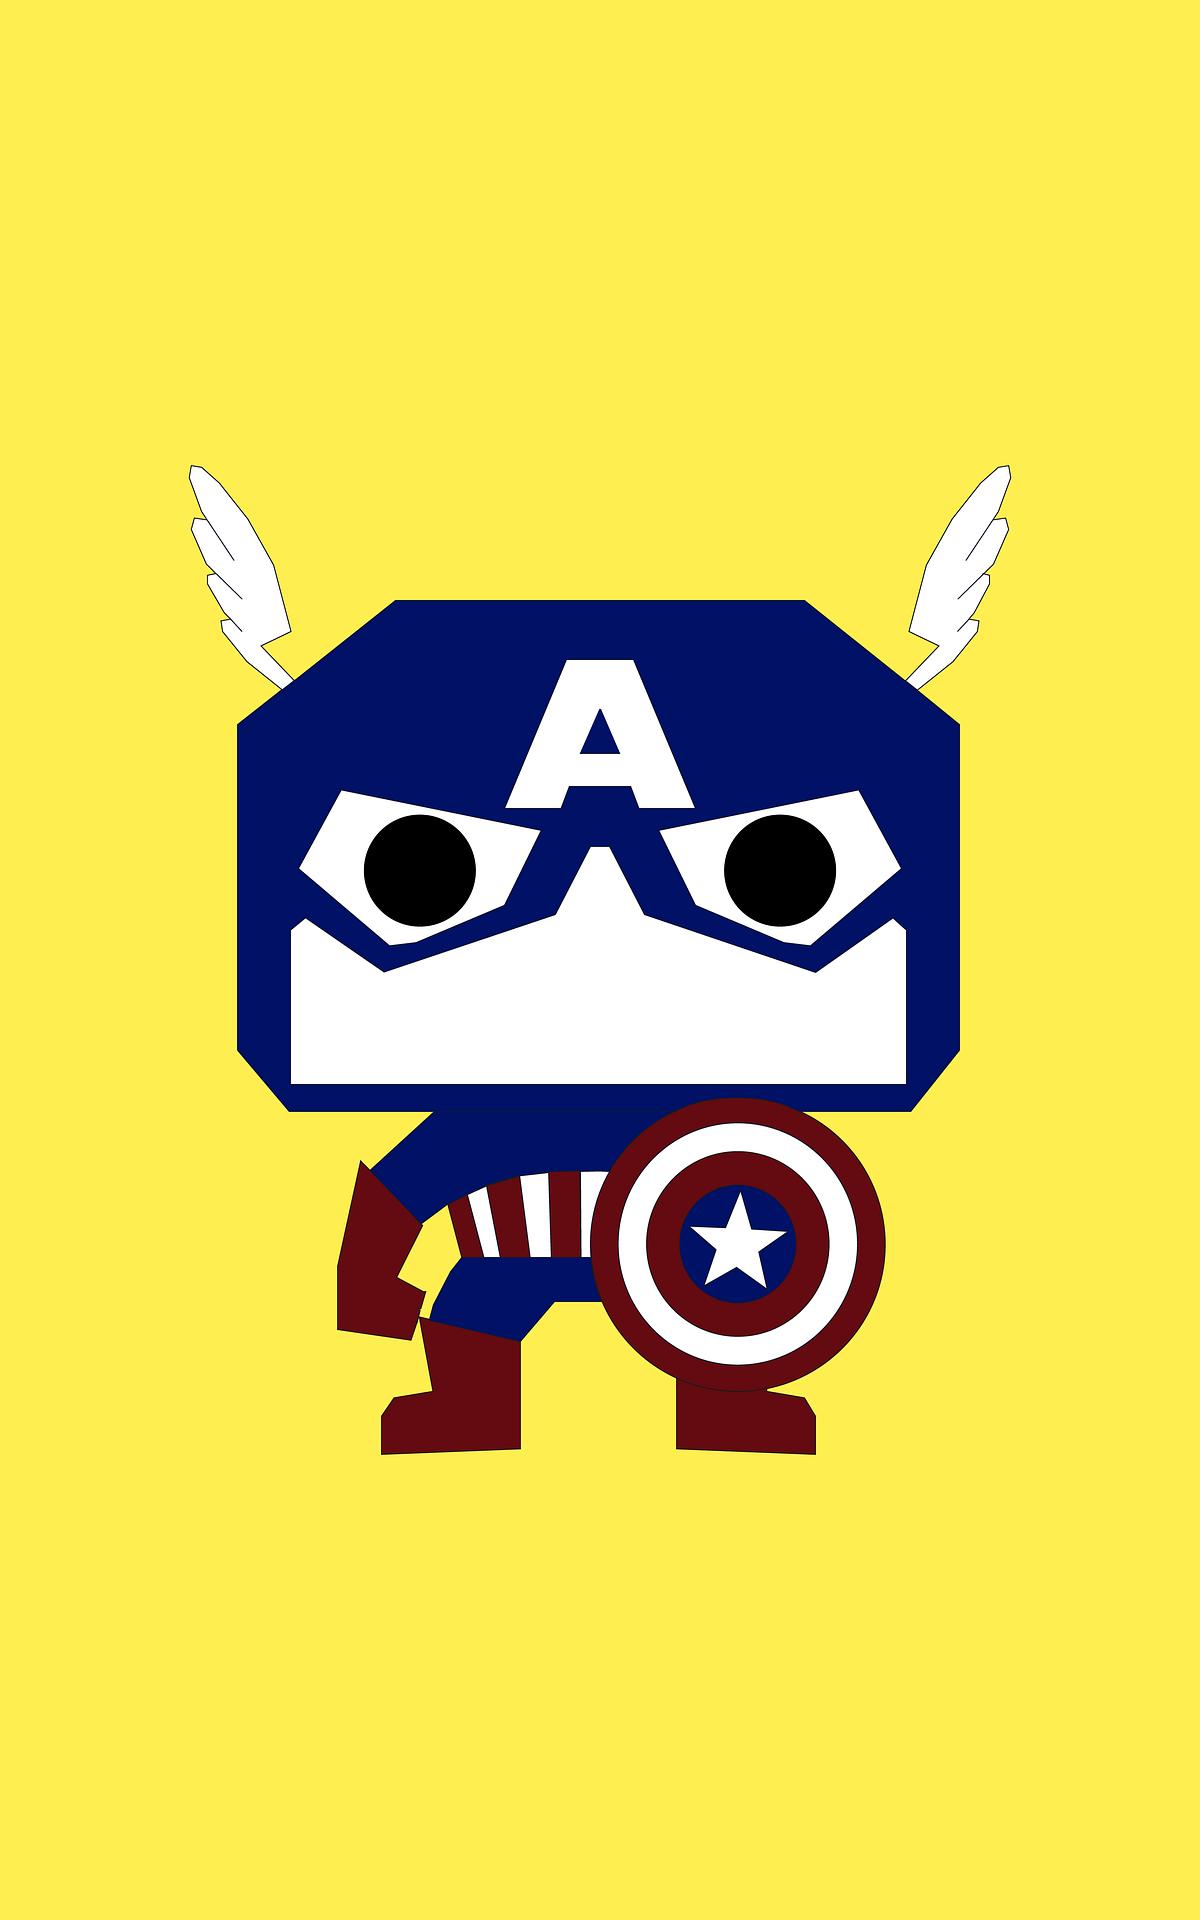 Capitan america, supereroe, Marvel, illustrazione, fumetti - Sfondi HD - Professor-falken.com